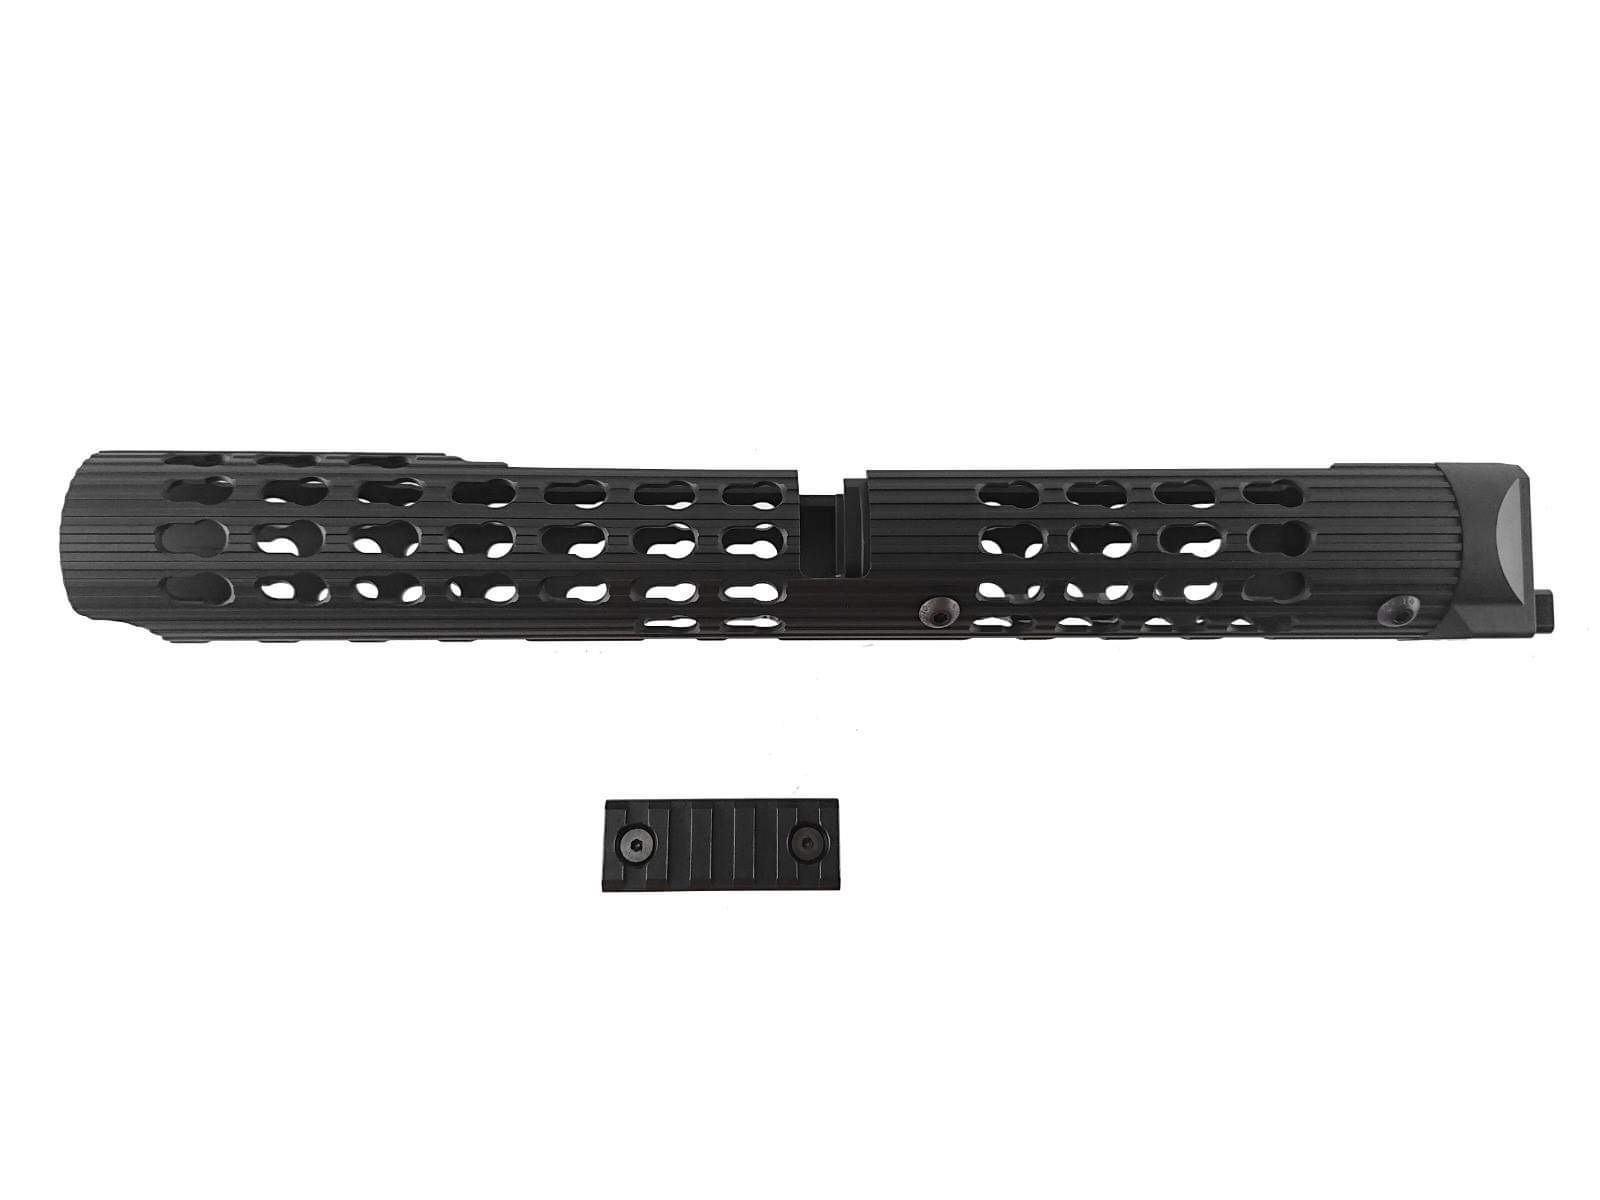 TWI VS-24 AK Keymod Long Tubular Aluminum HandGuard for AKM, AK-74 (BK) - Black